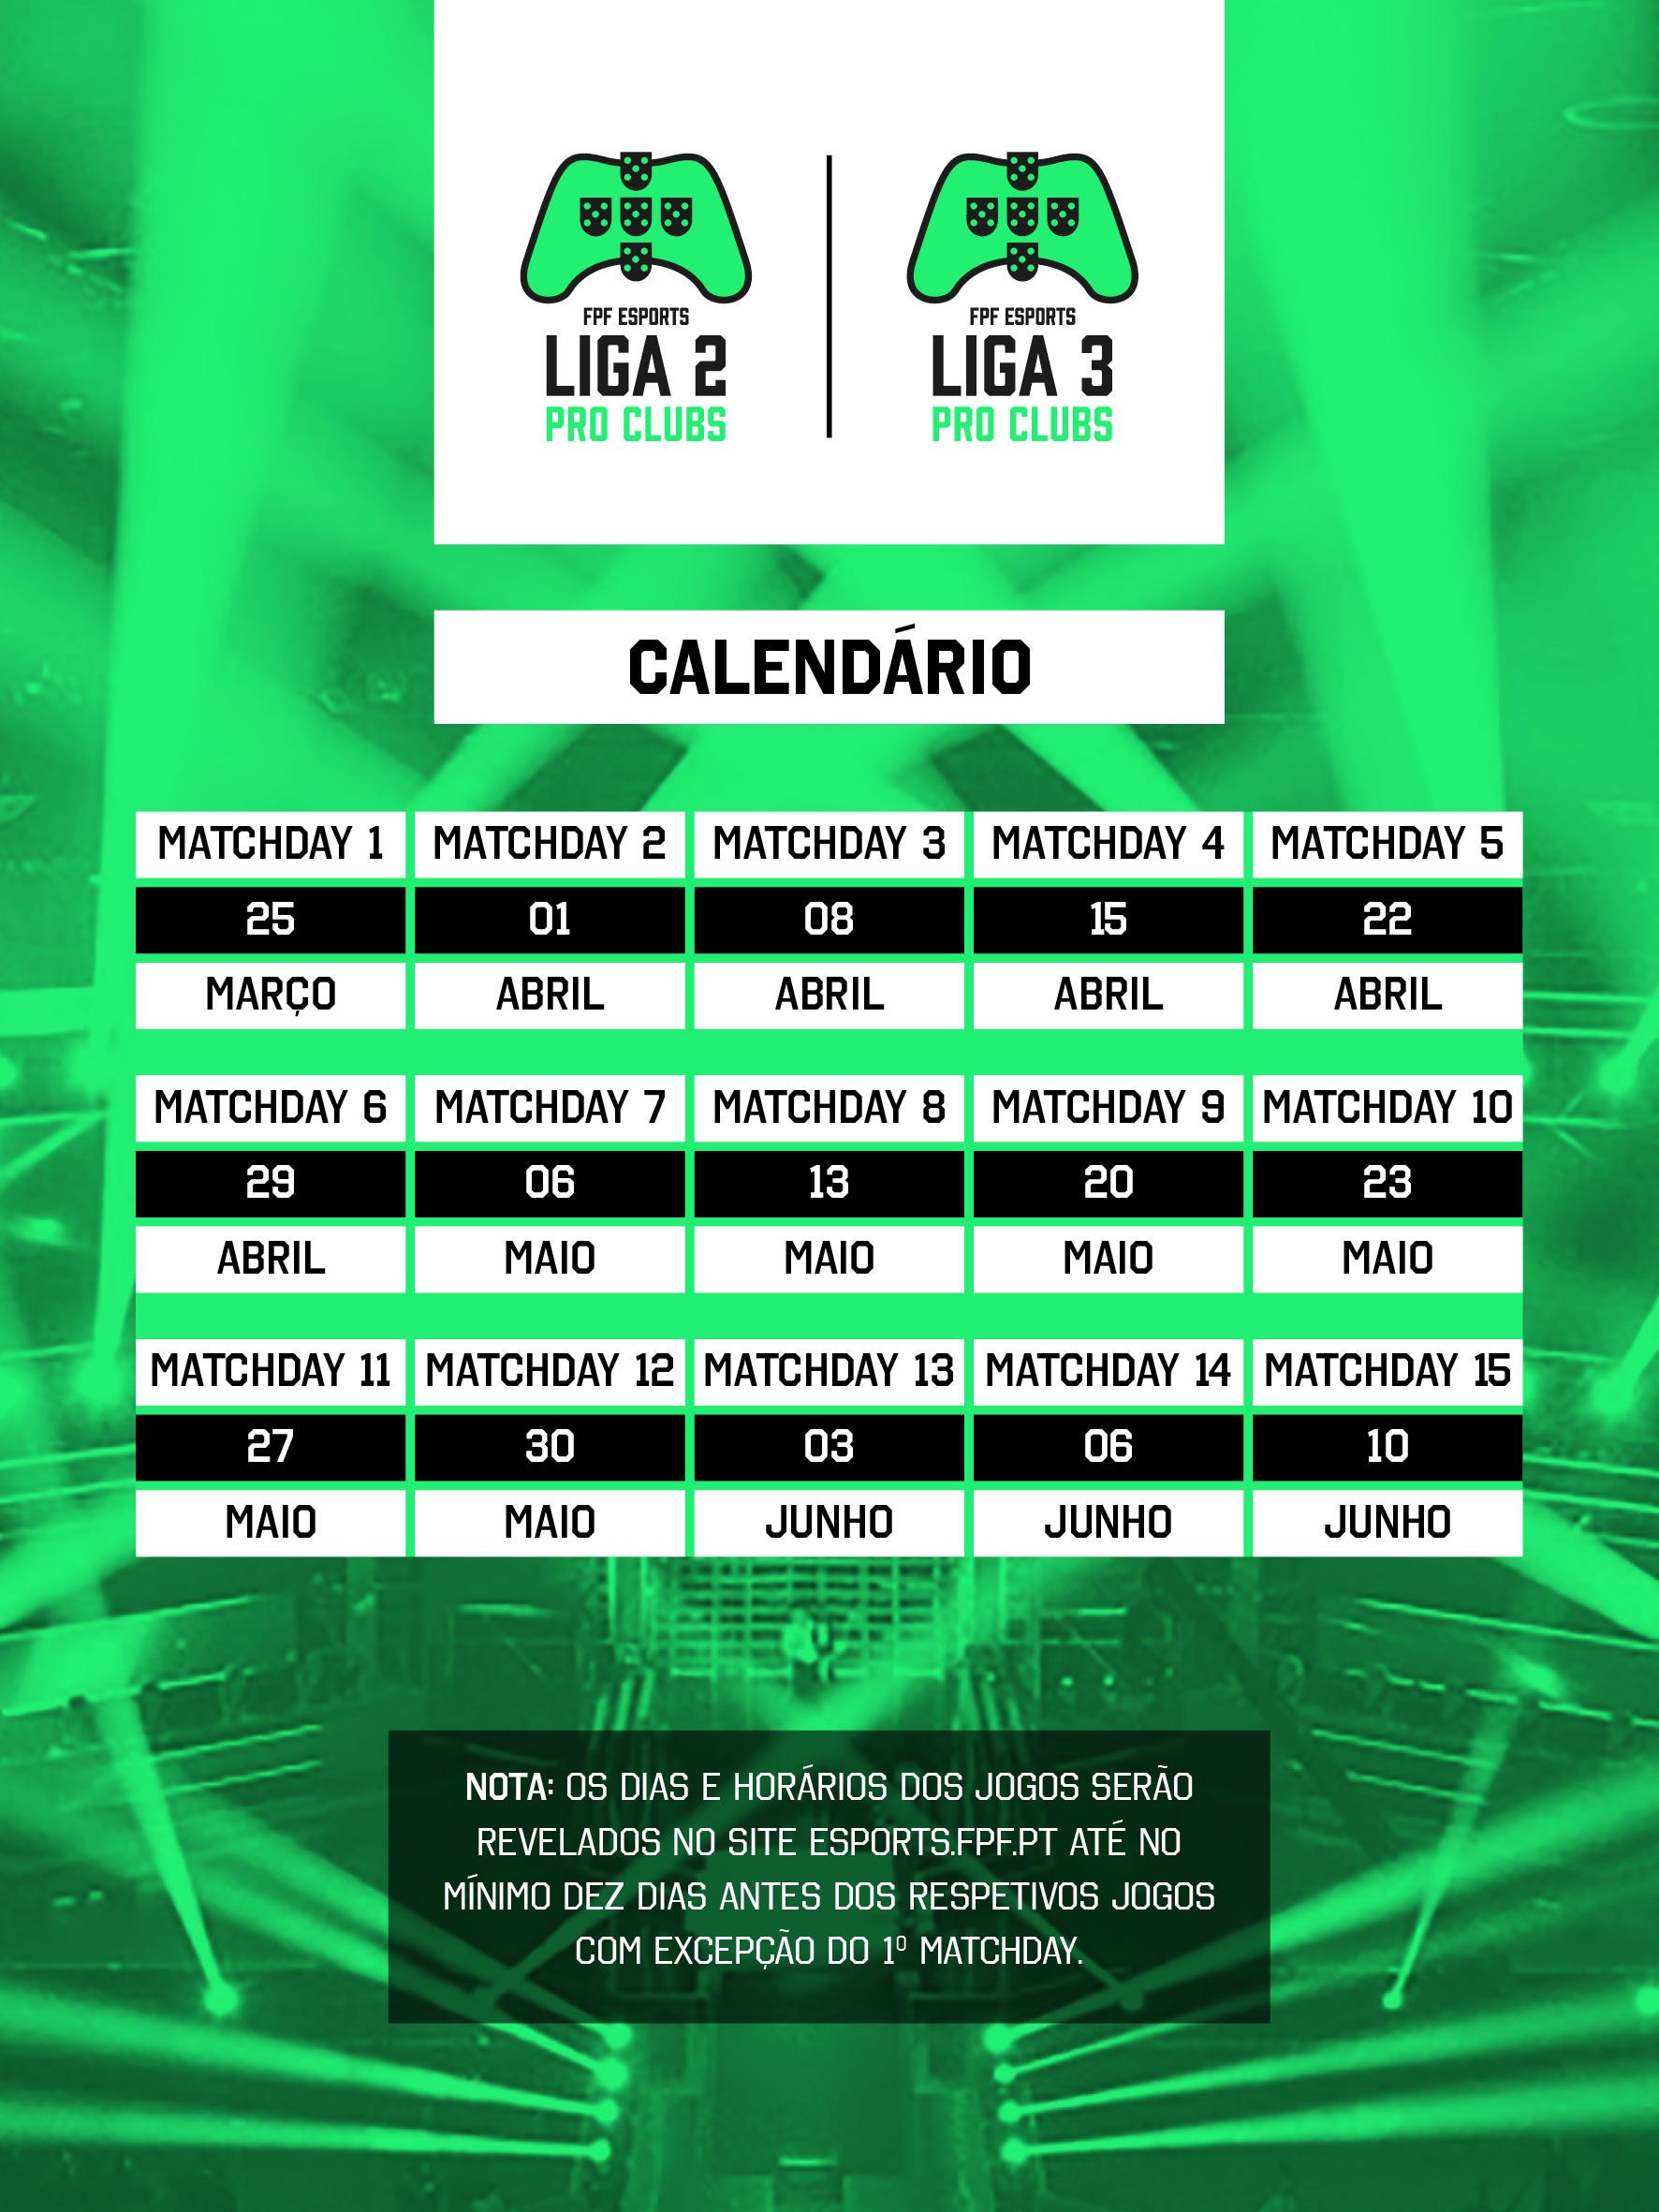 Calendario Primeira Liga.Fpf Esports Calendario Das Ligas